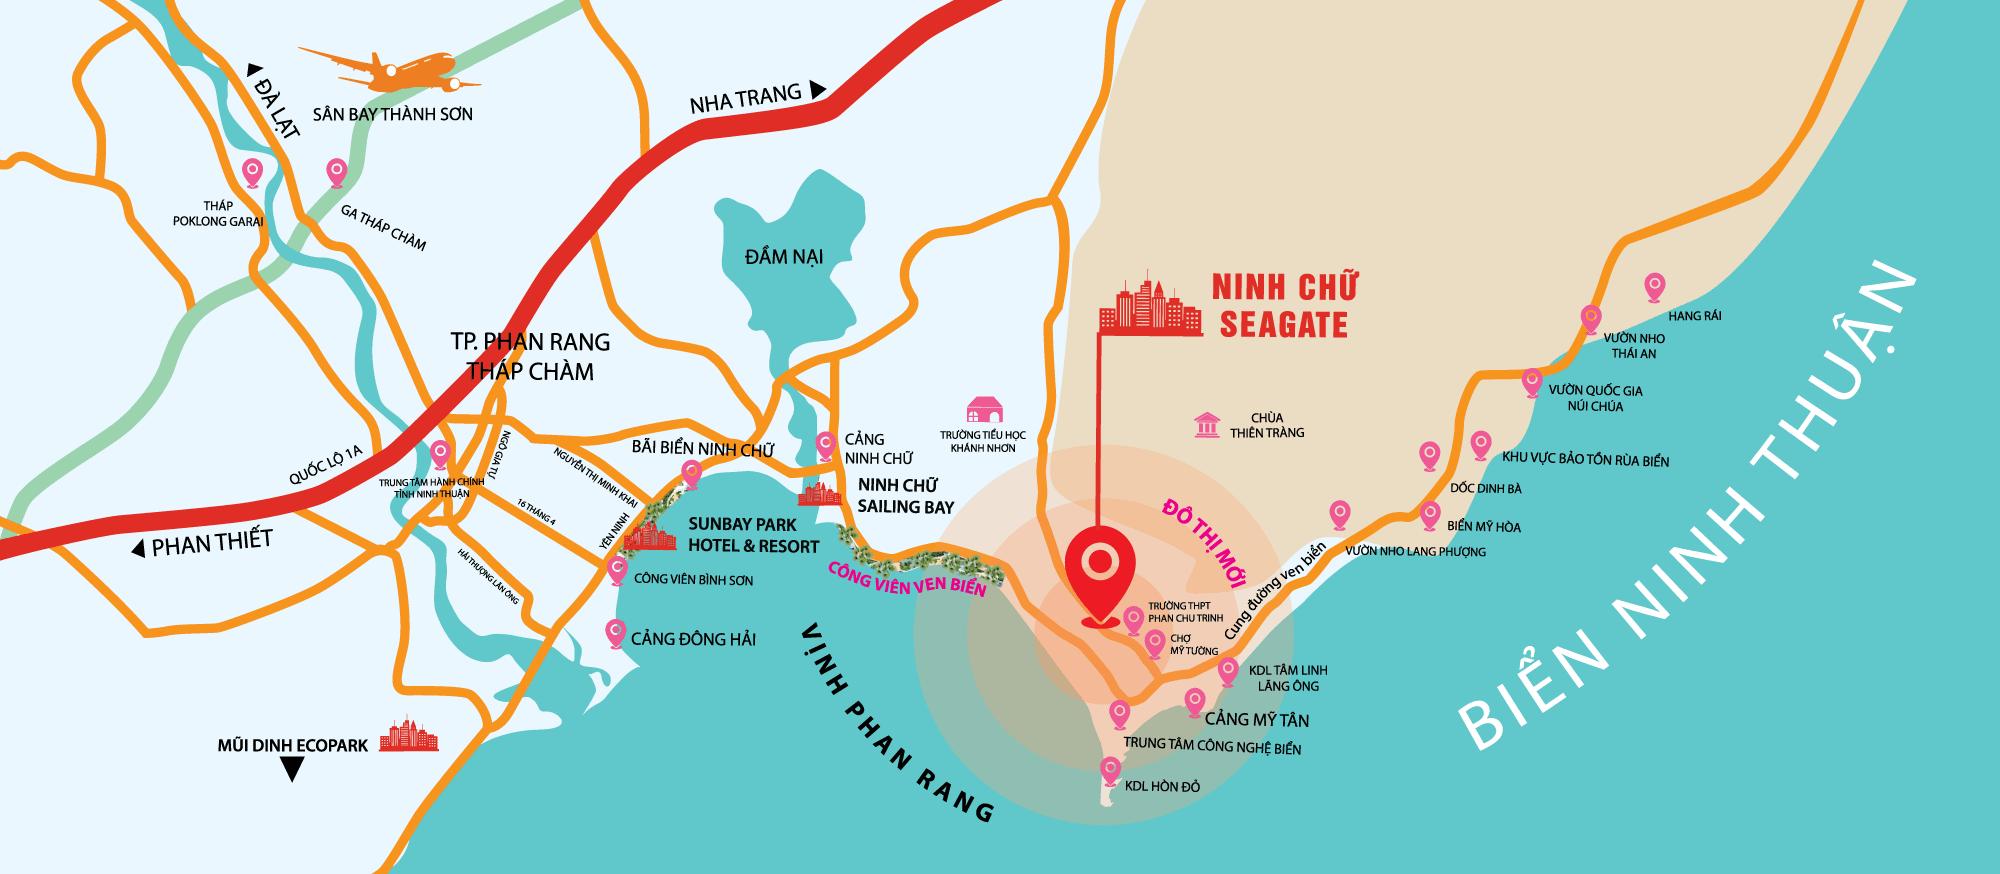 Map - bản đồ vị trí dự án nhà phố biển Ninh Chữ Ninh Thuận